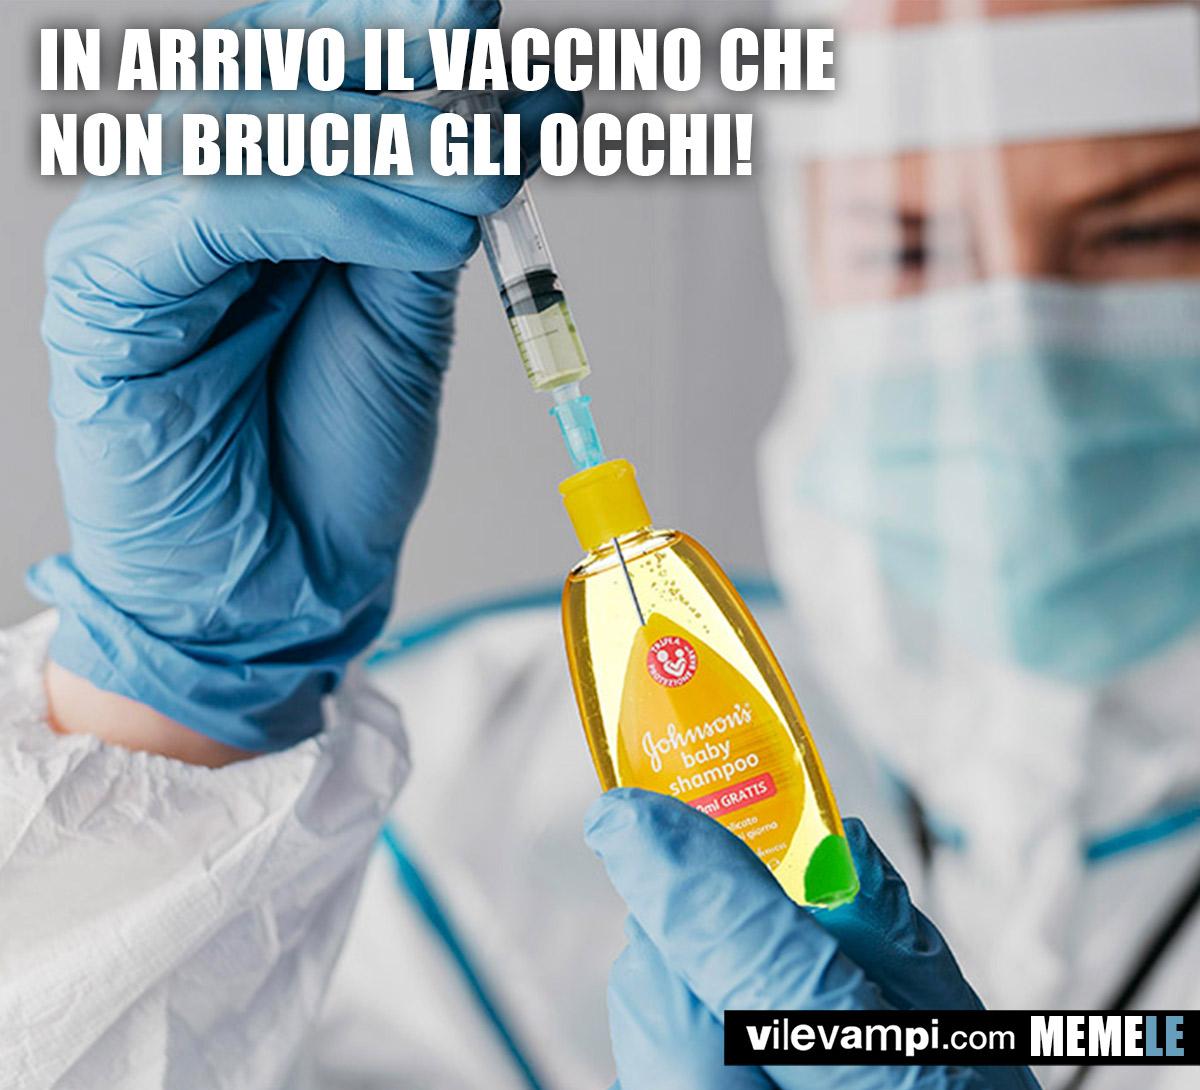 2021_Meme-vaccino-J&J